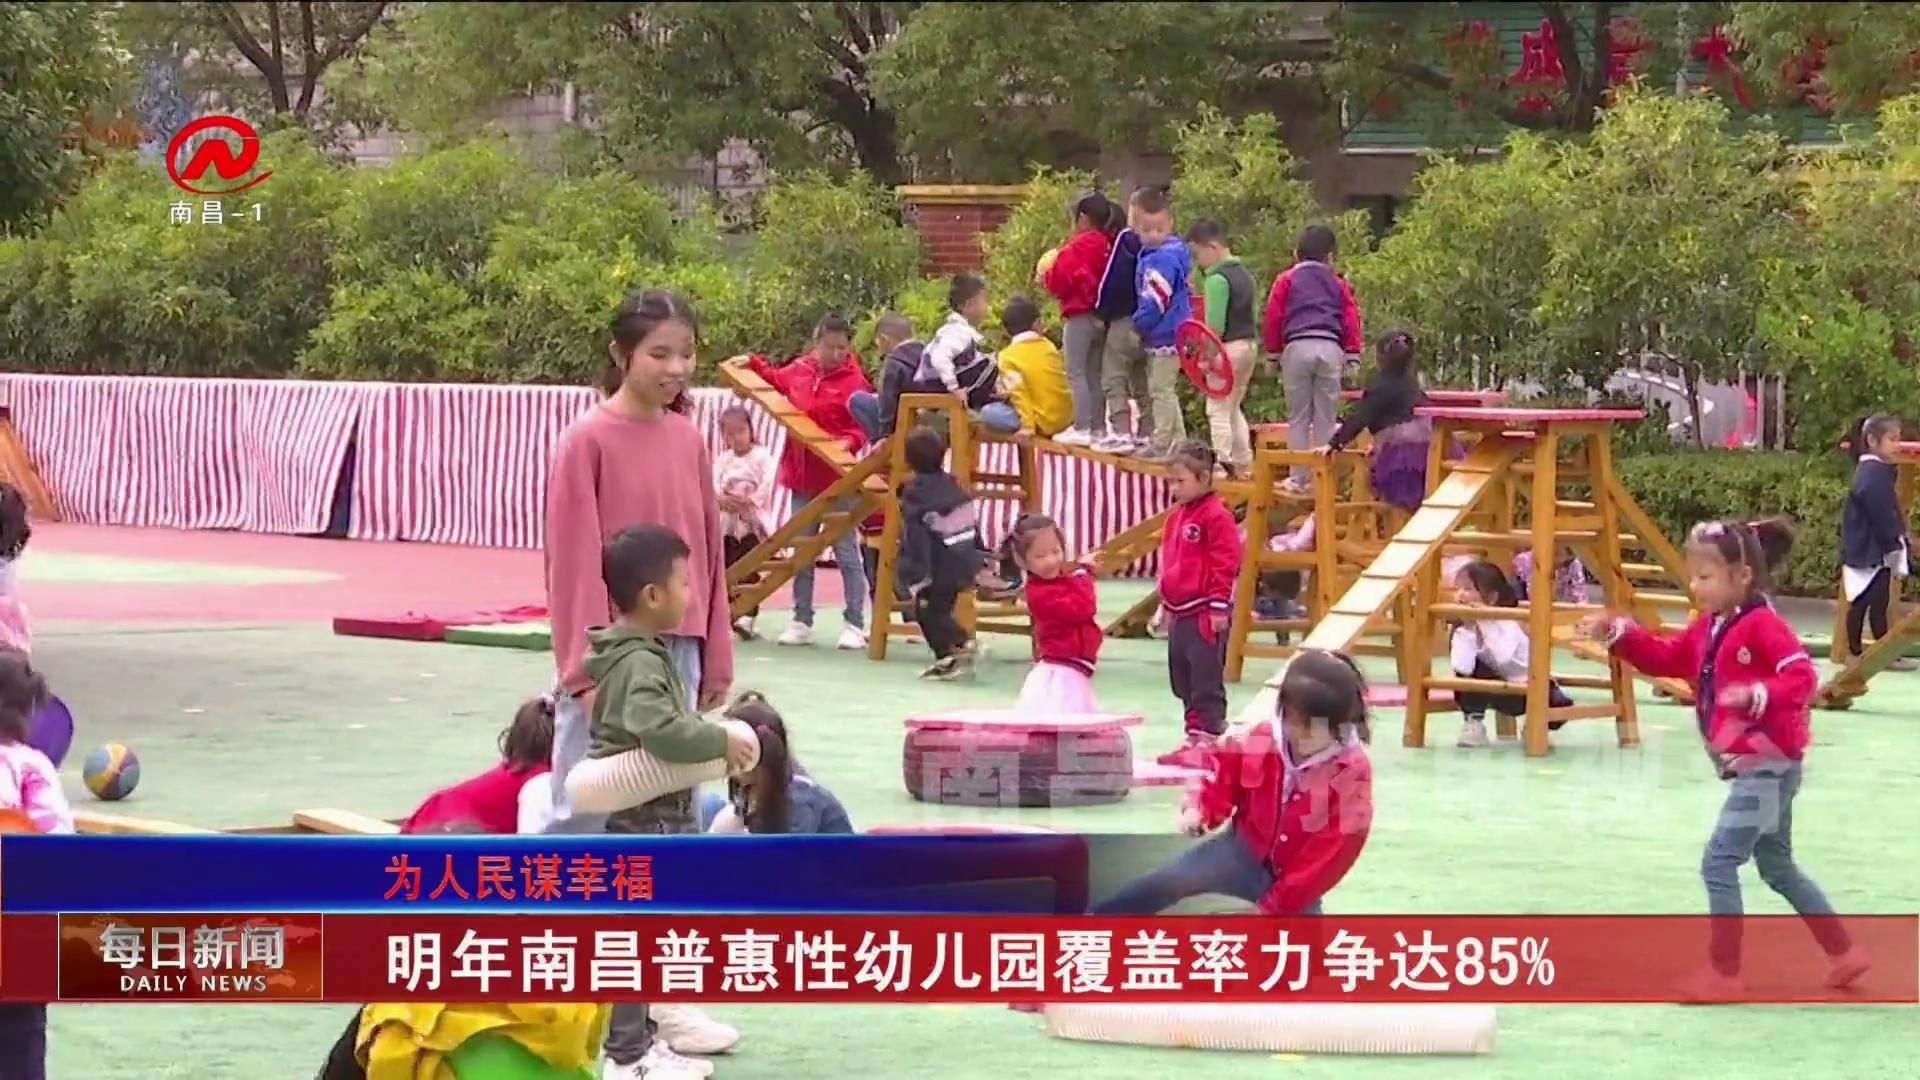 明年南昌普惠性幼儿园覆盖率力争达85%